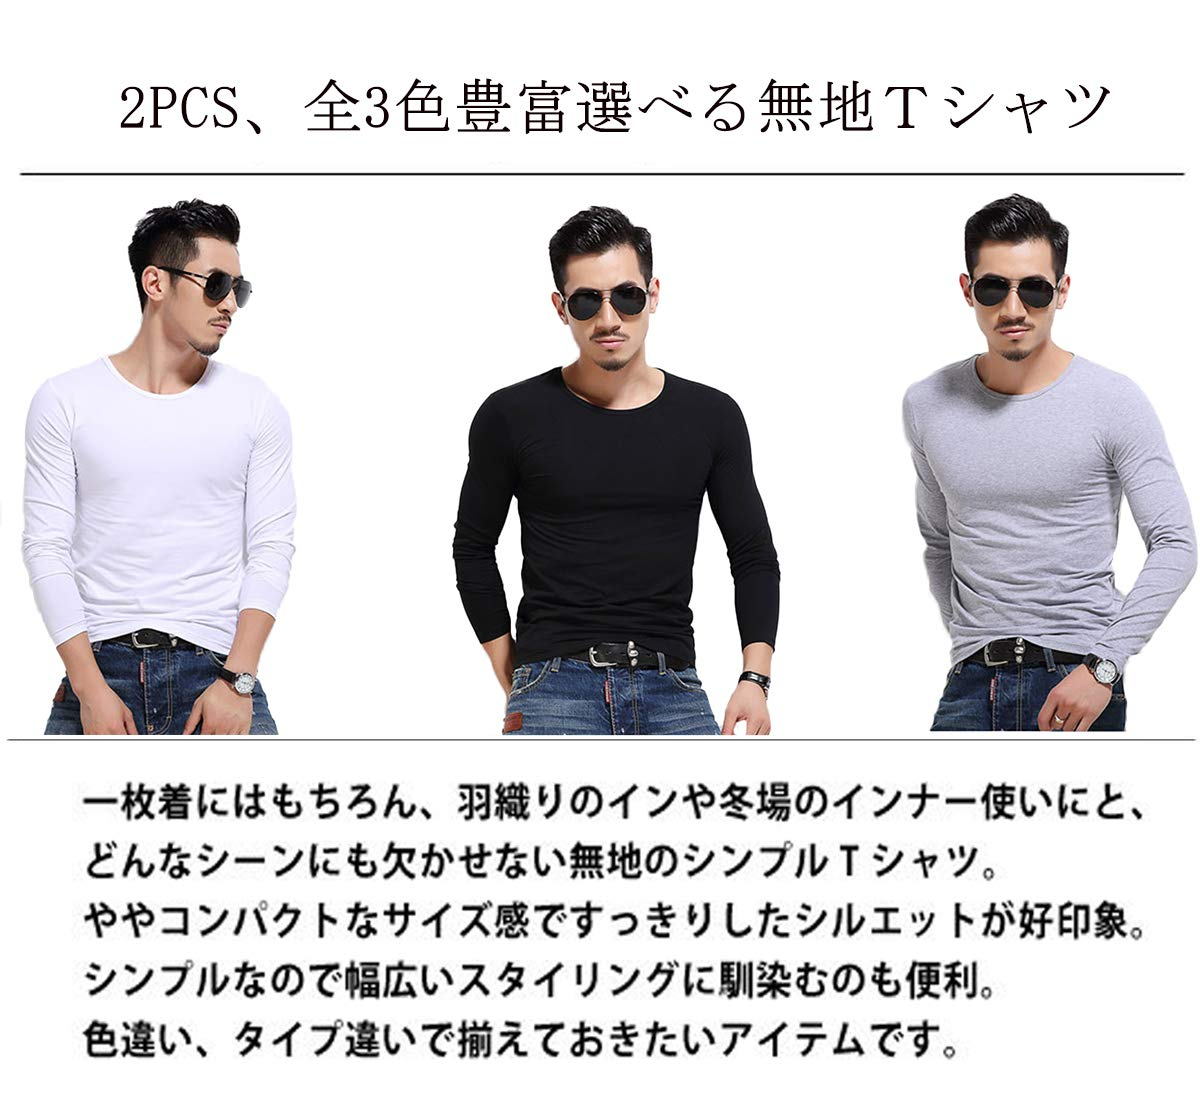 長袖 Tシャツ メンズ ロング シャツ カットソー(2PC black/white XL)